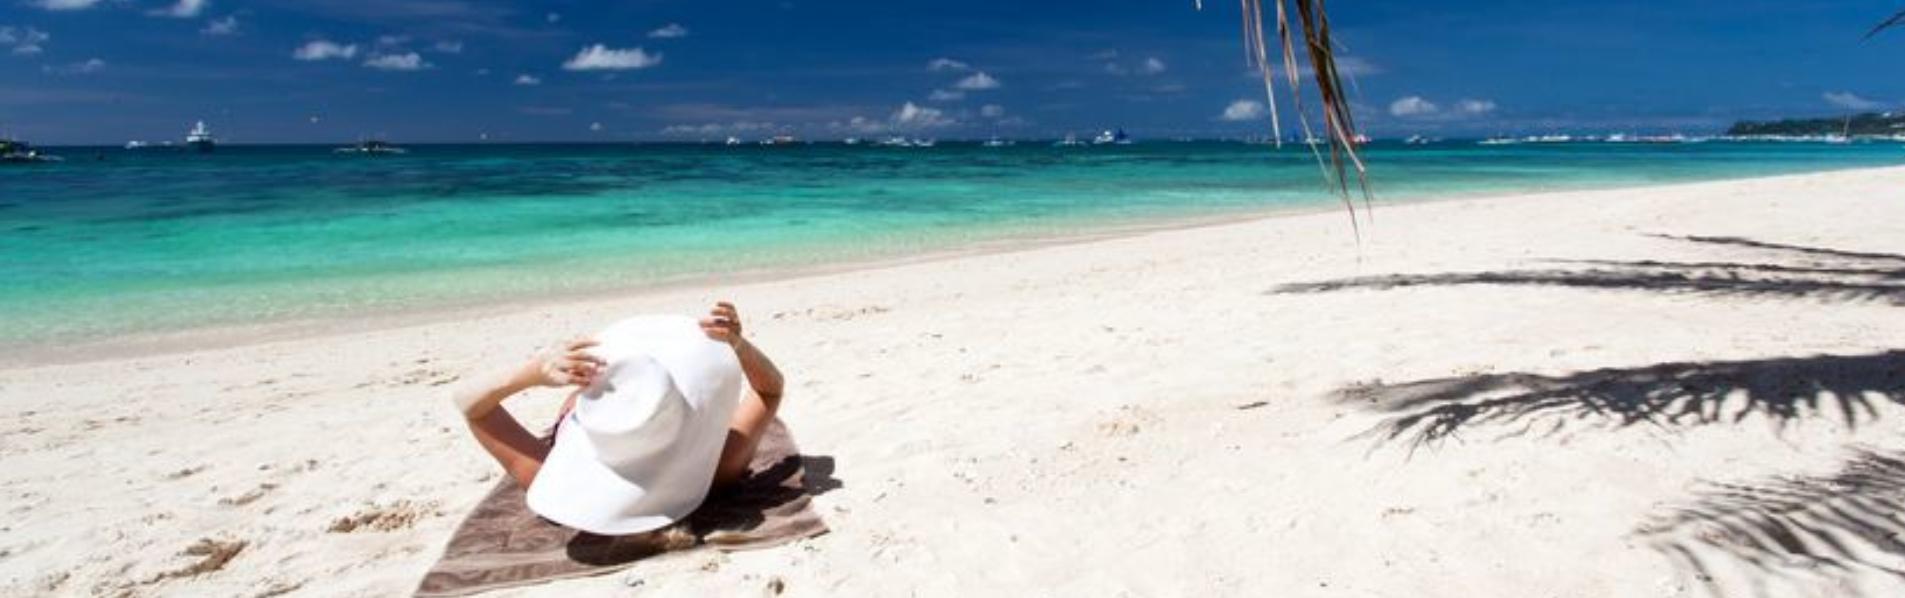 8 destinations instagrammables pour partir au soleil en hiver